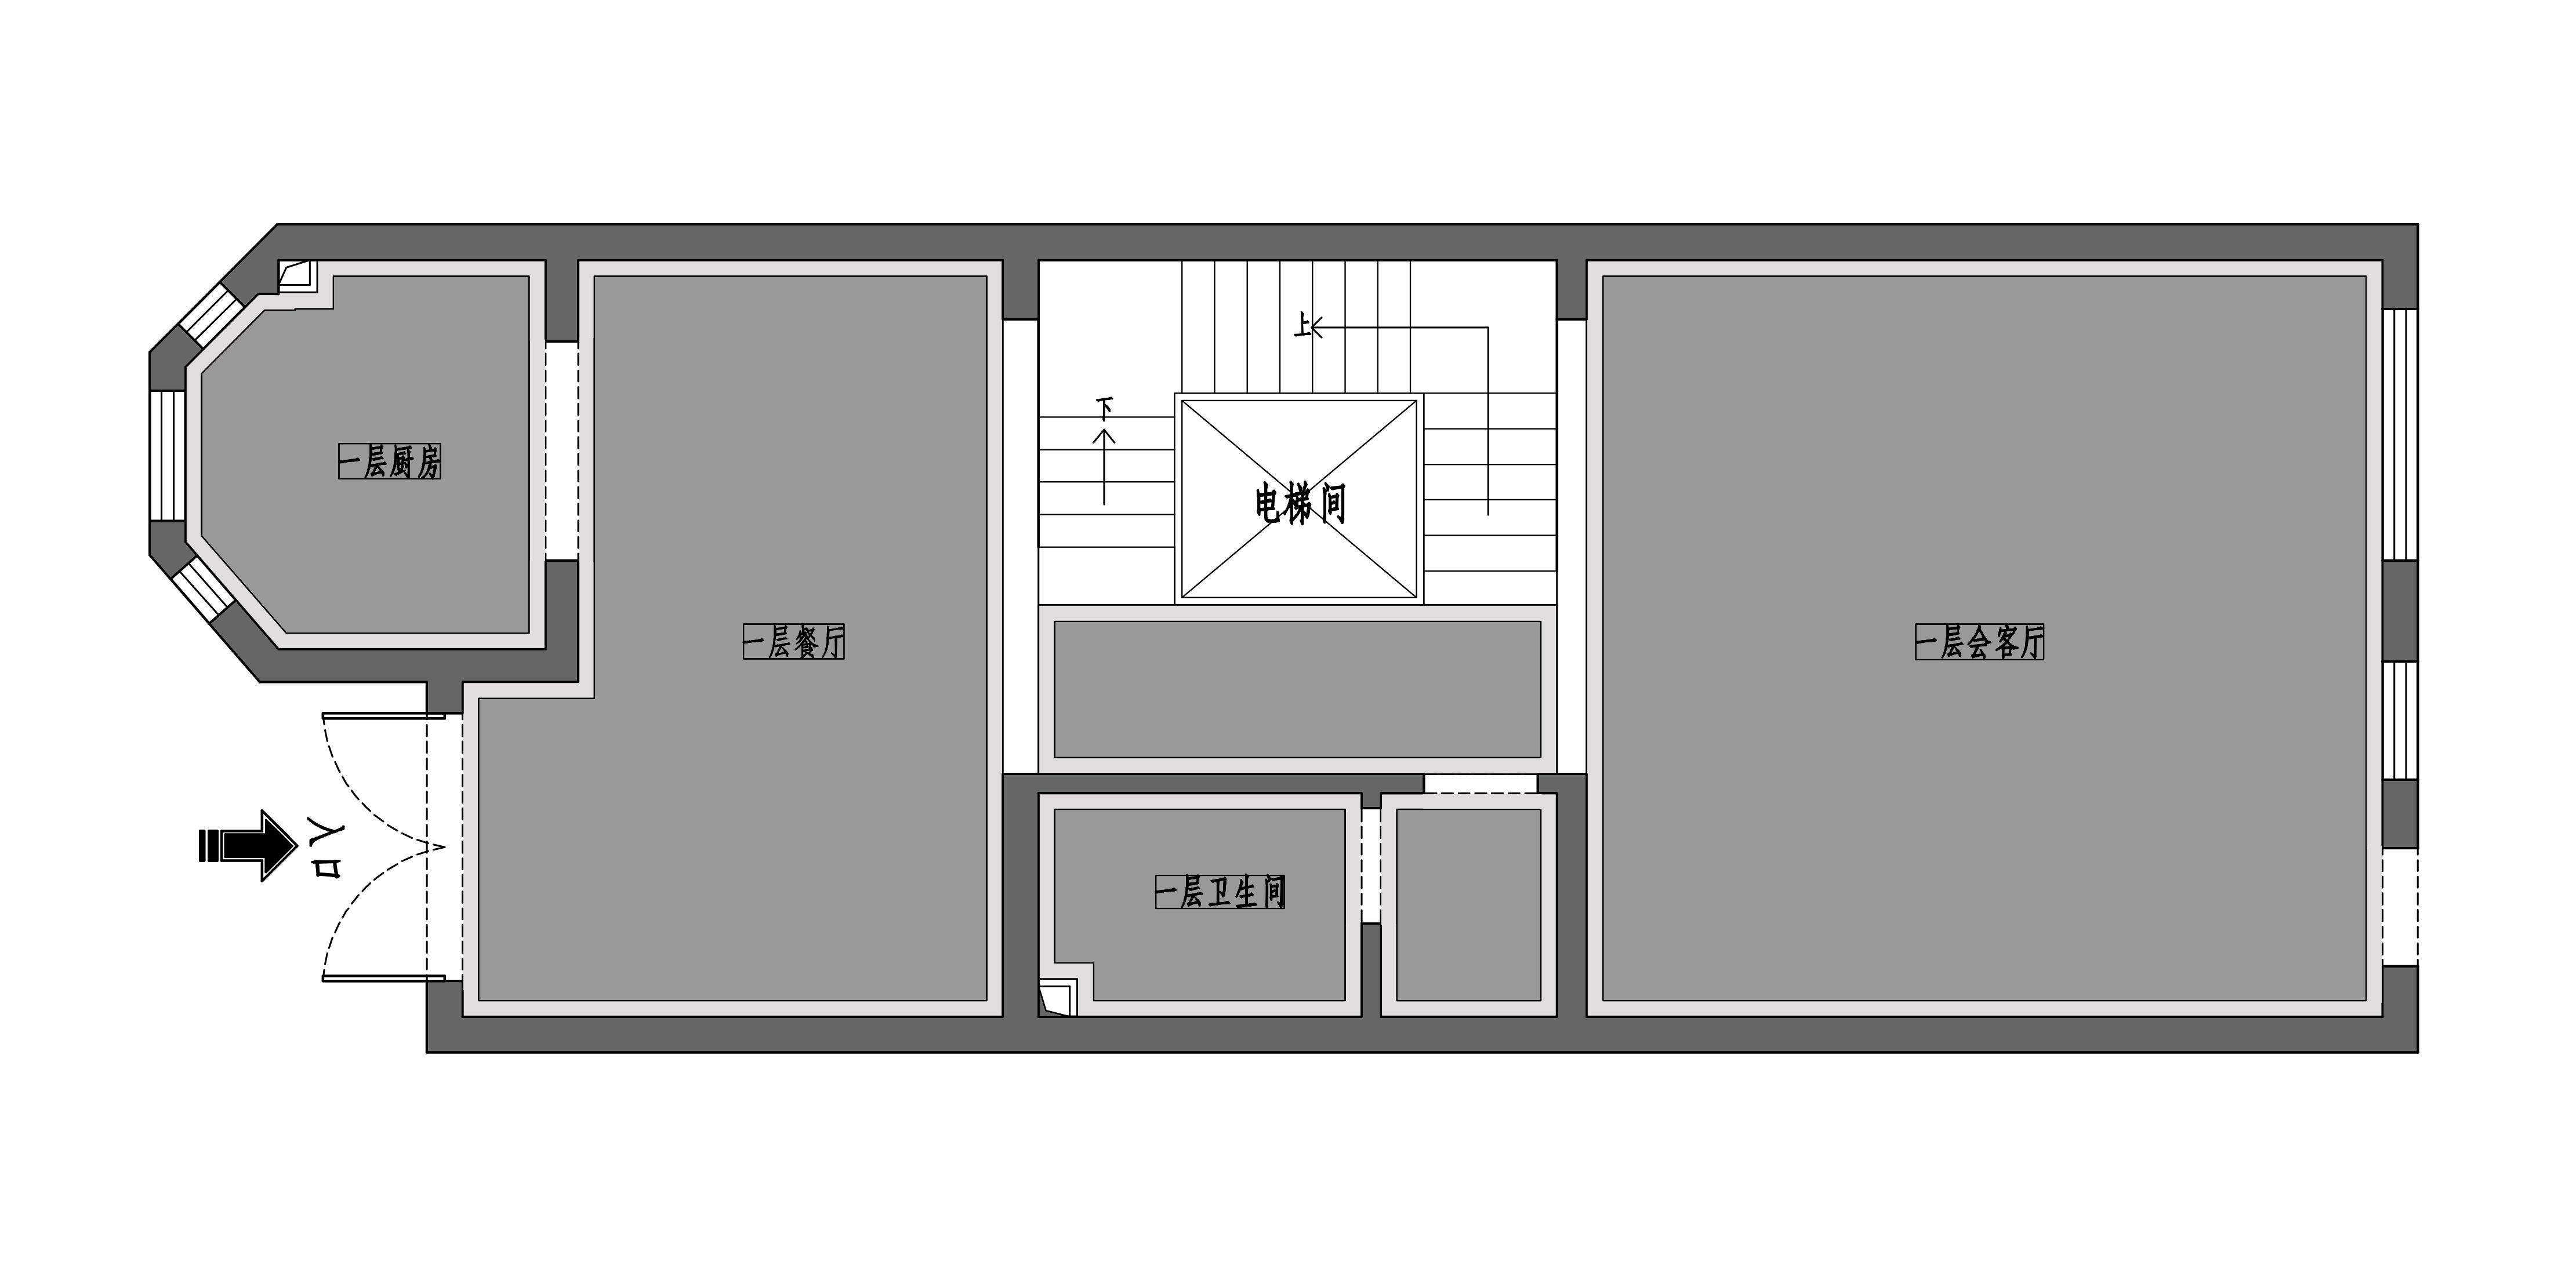 鑫界王府六室四厅新中式风格装修案例装修设计理念